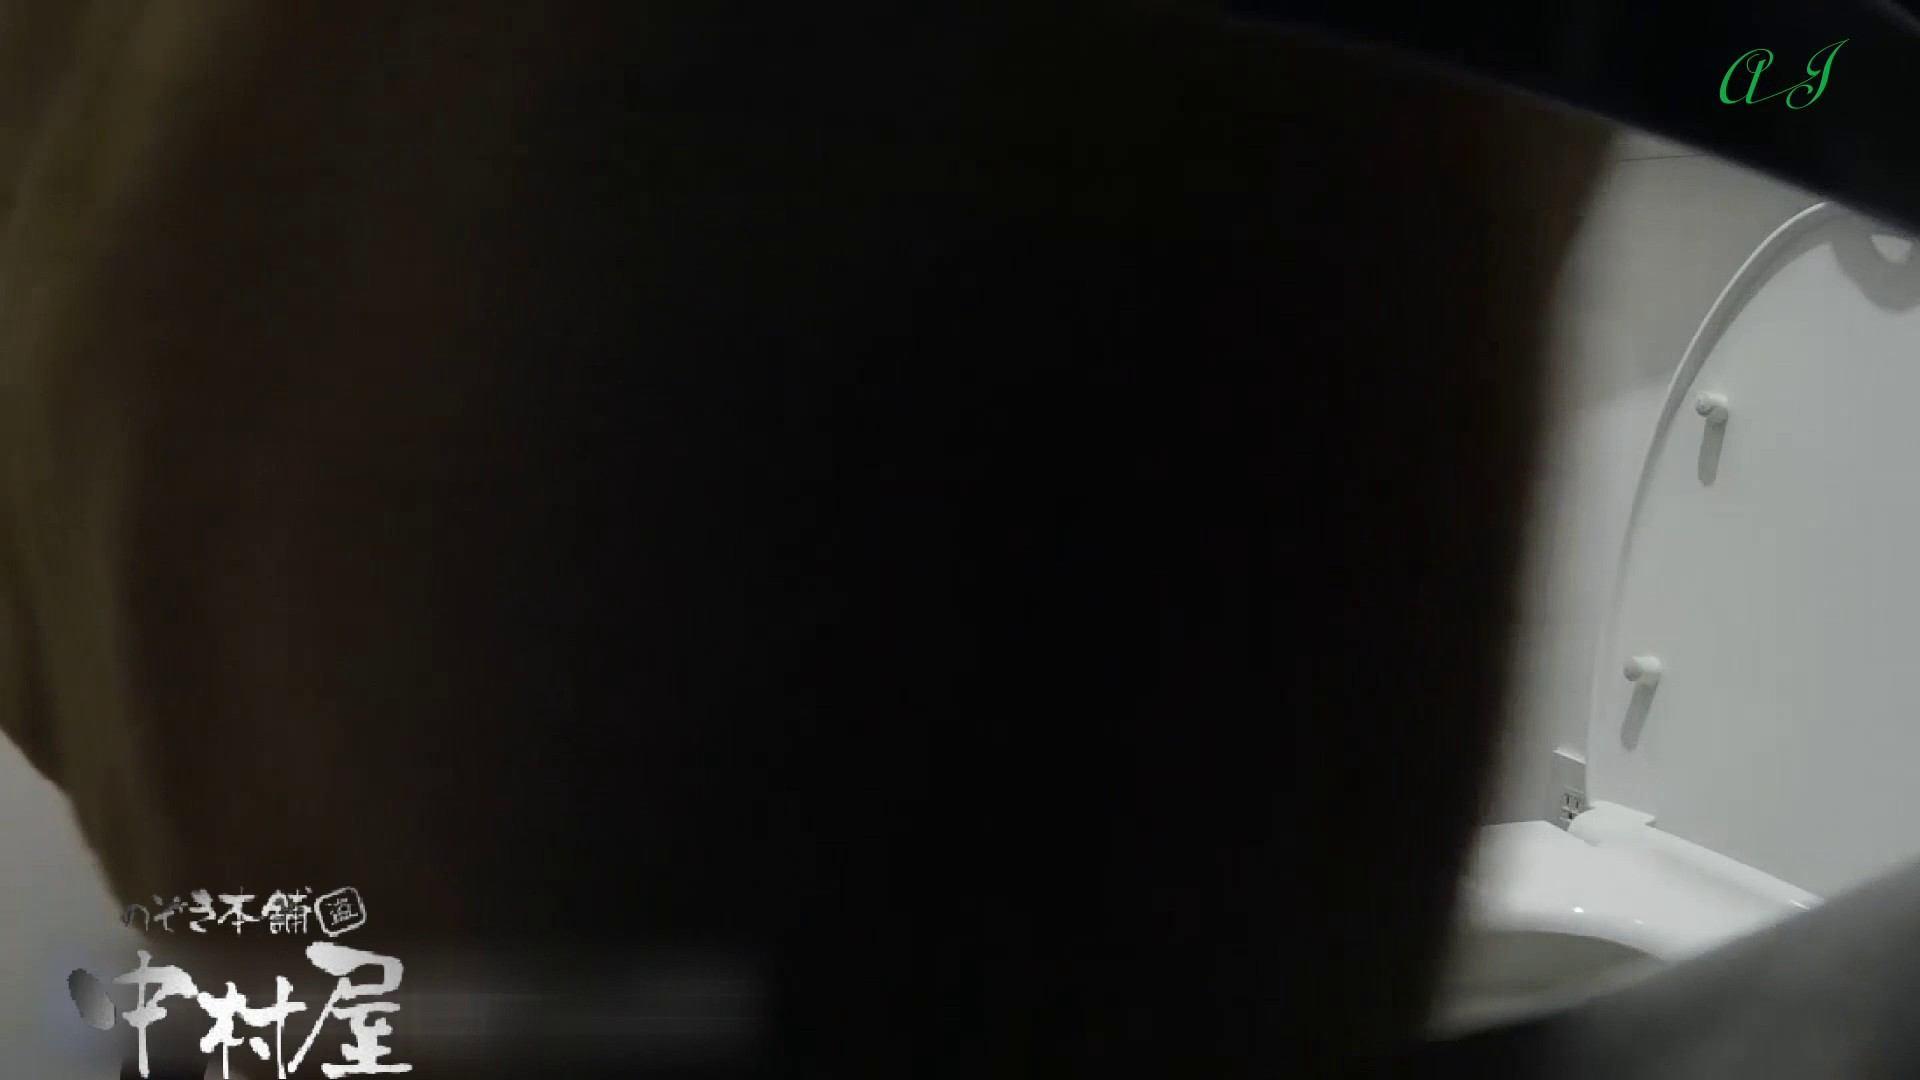 新アングル 4名の美女達 有名大学女性洗面所 vol.76後編 洗面所 覗きワレメ動画紹介 68PICs 48